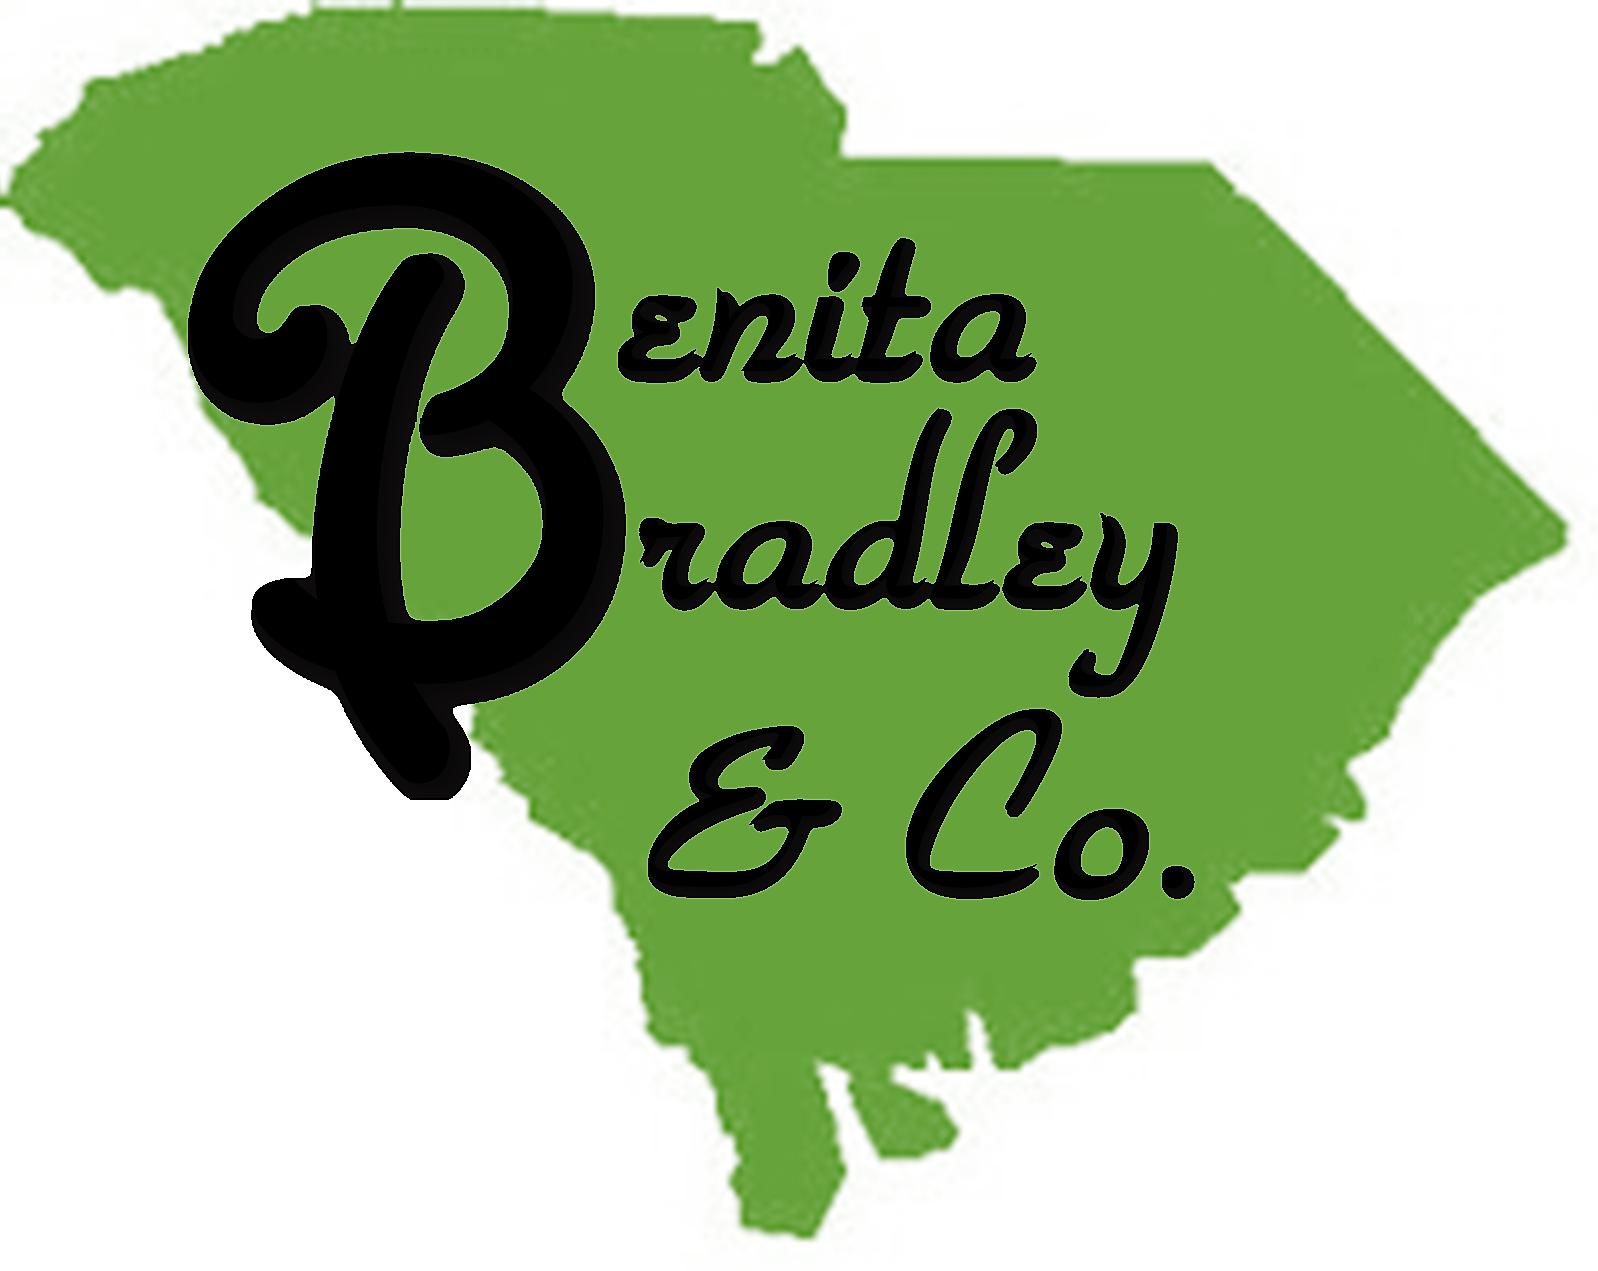 Courier Services « Benita Bradley & Co